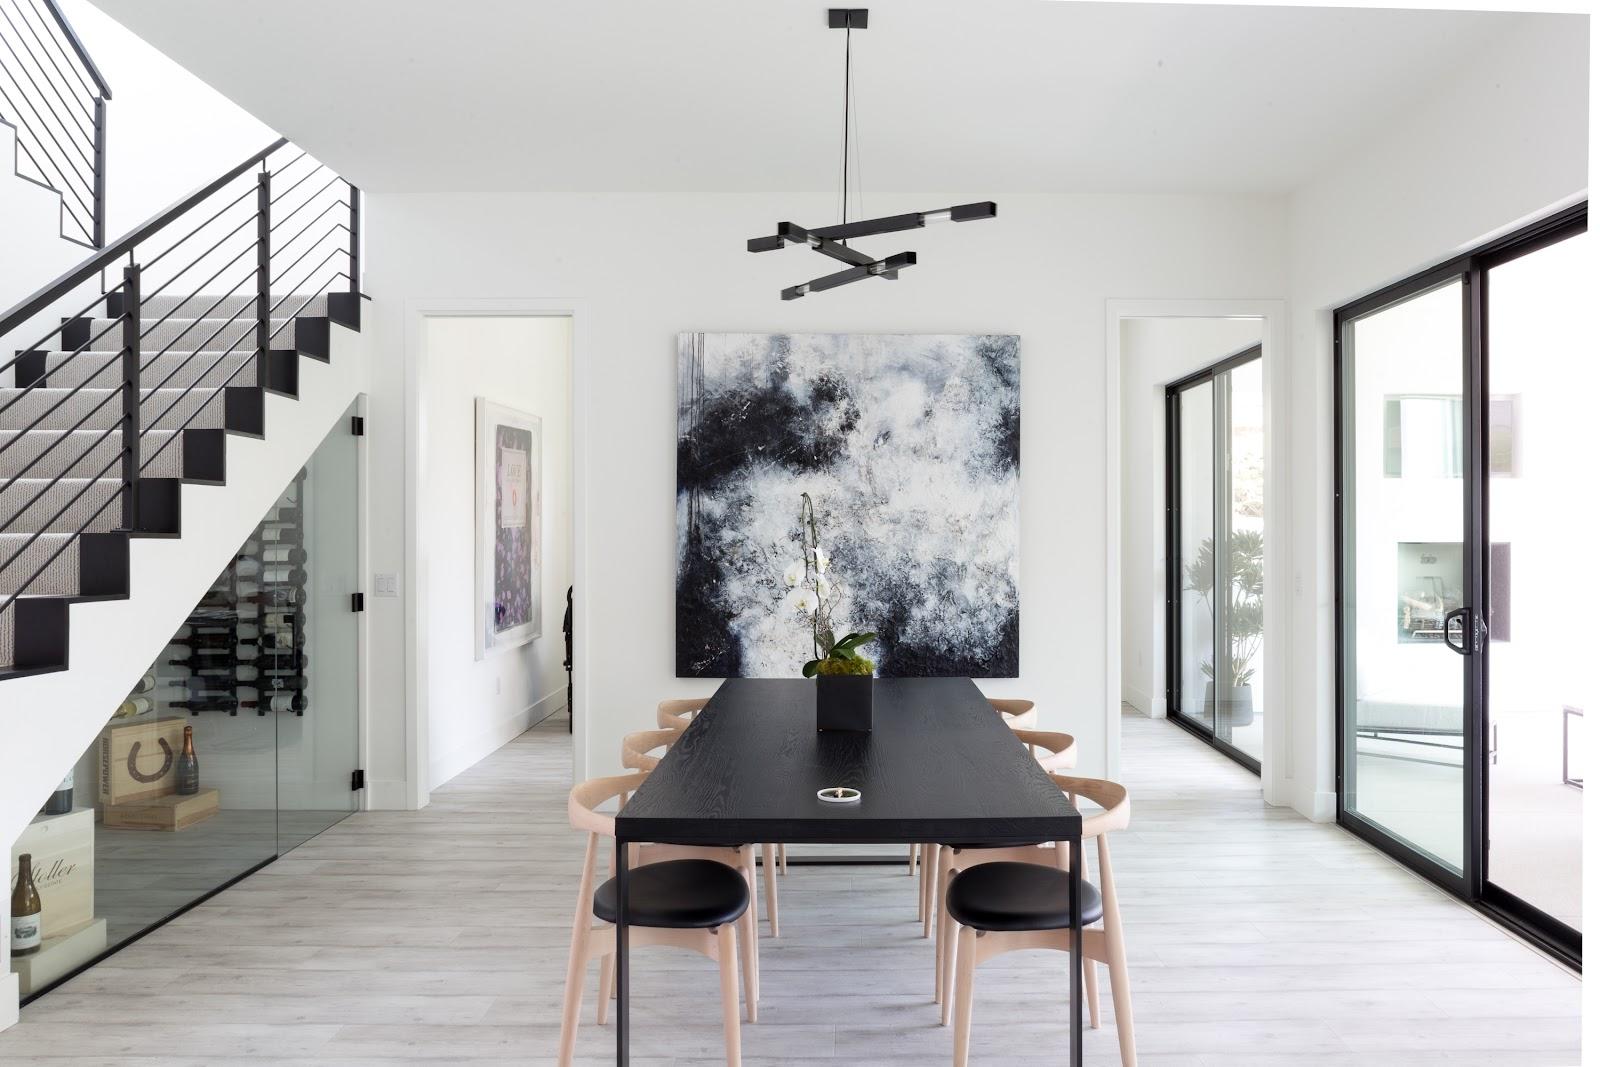 Furnitur Modern dan Minimalis - source: apartmenttherapy.com